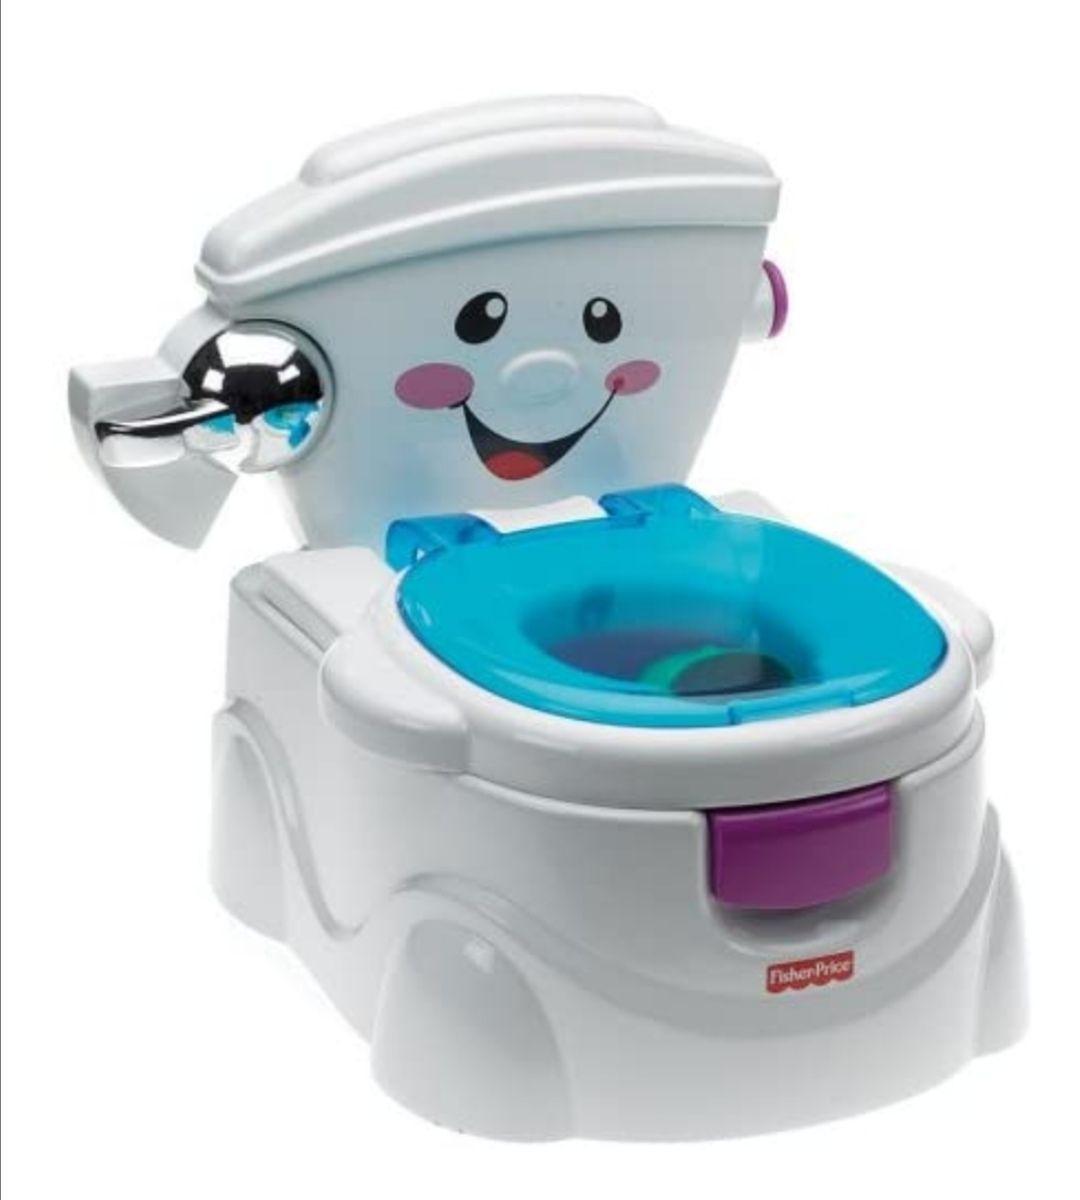 Fisher-Price singende Kinder Toilette